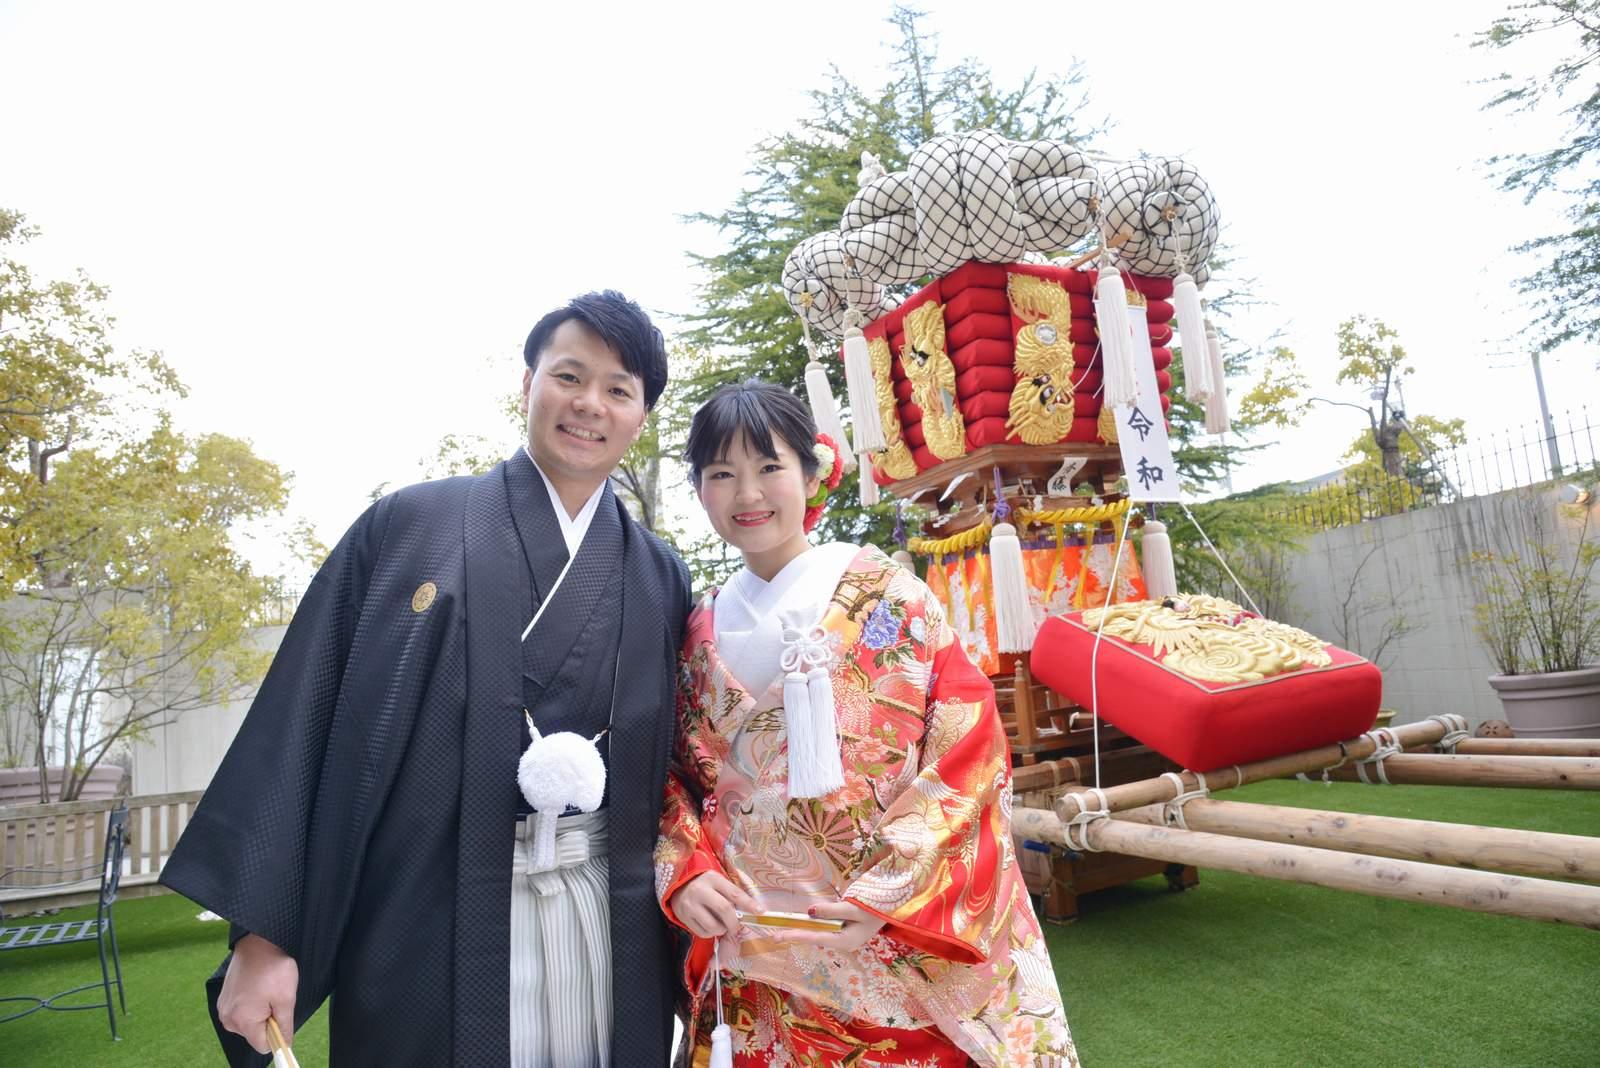 香川県の結婚式場シェルエメール&アイスタイルのお色直し入場